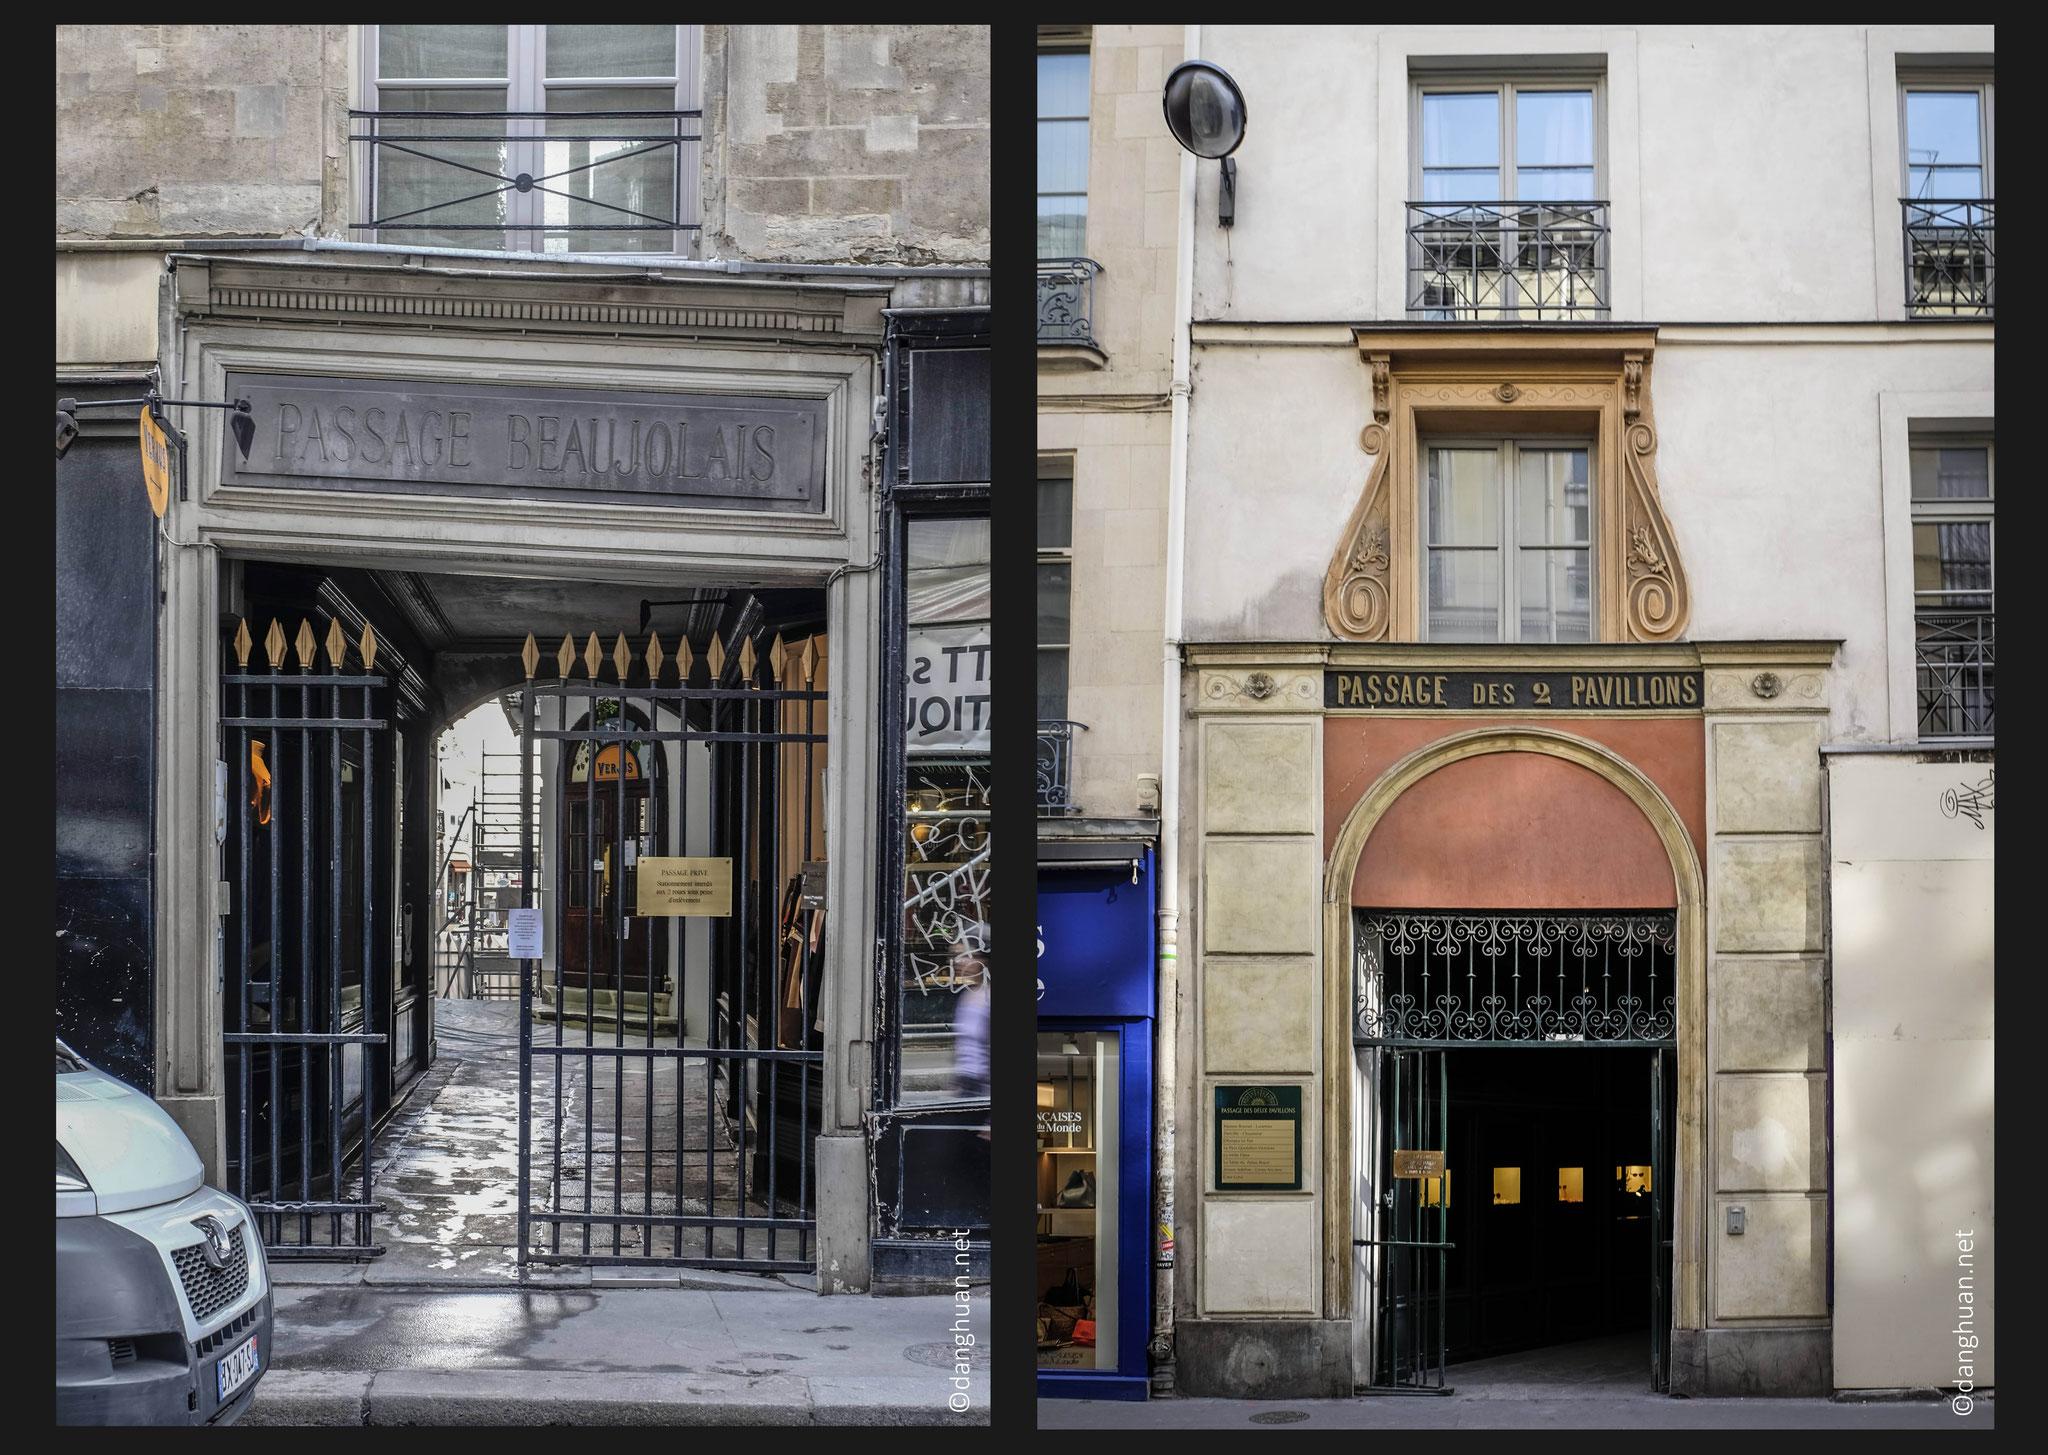 Passage Beaujolais, Passage des 2 Pavillons